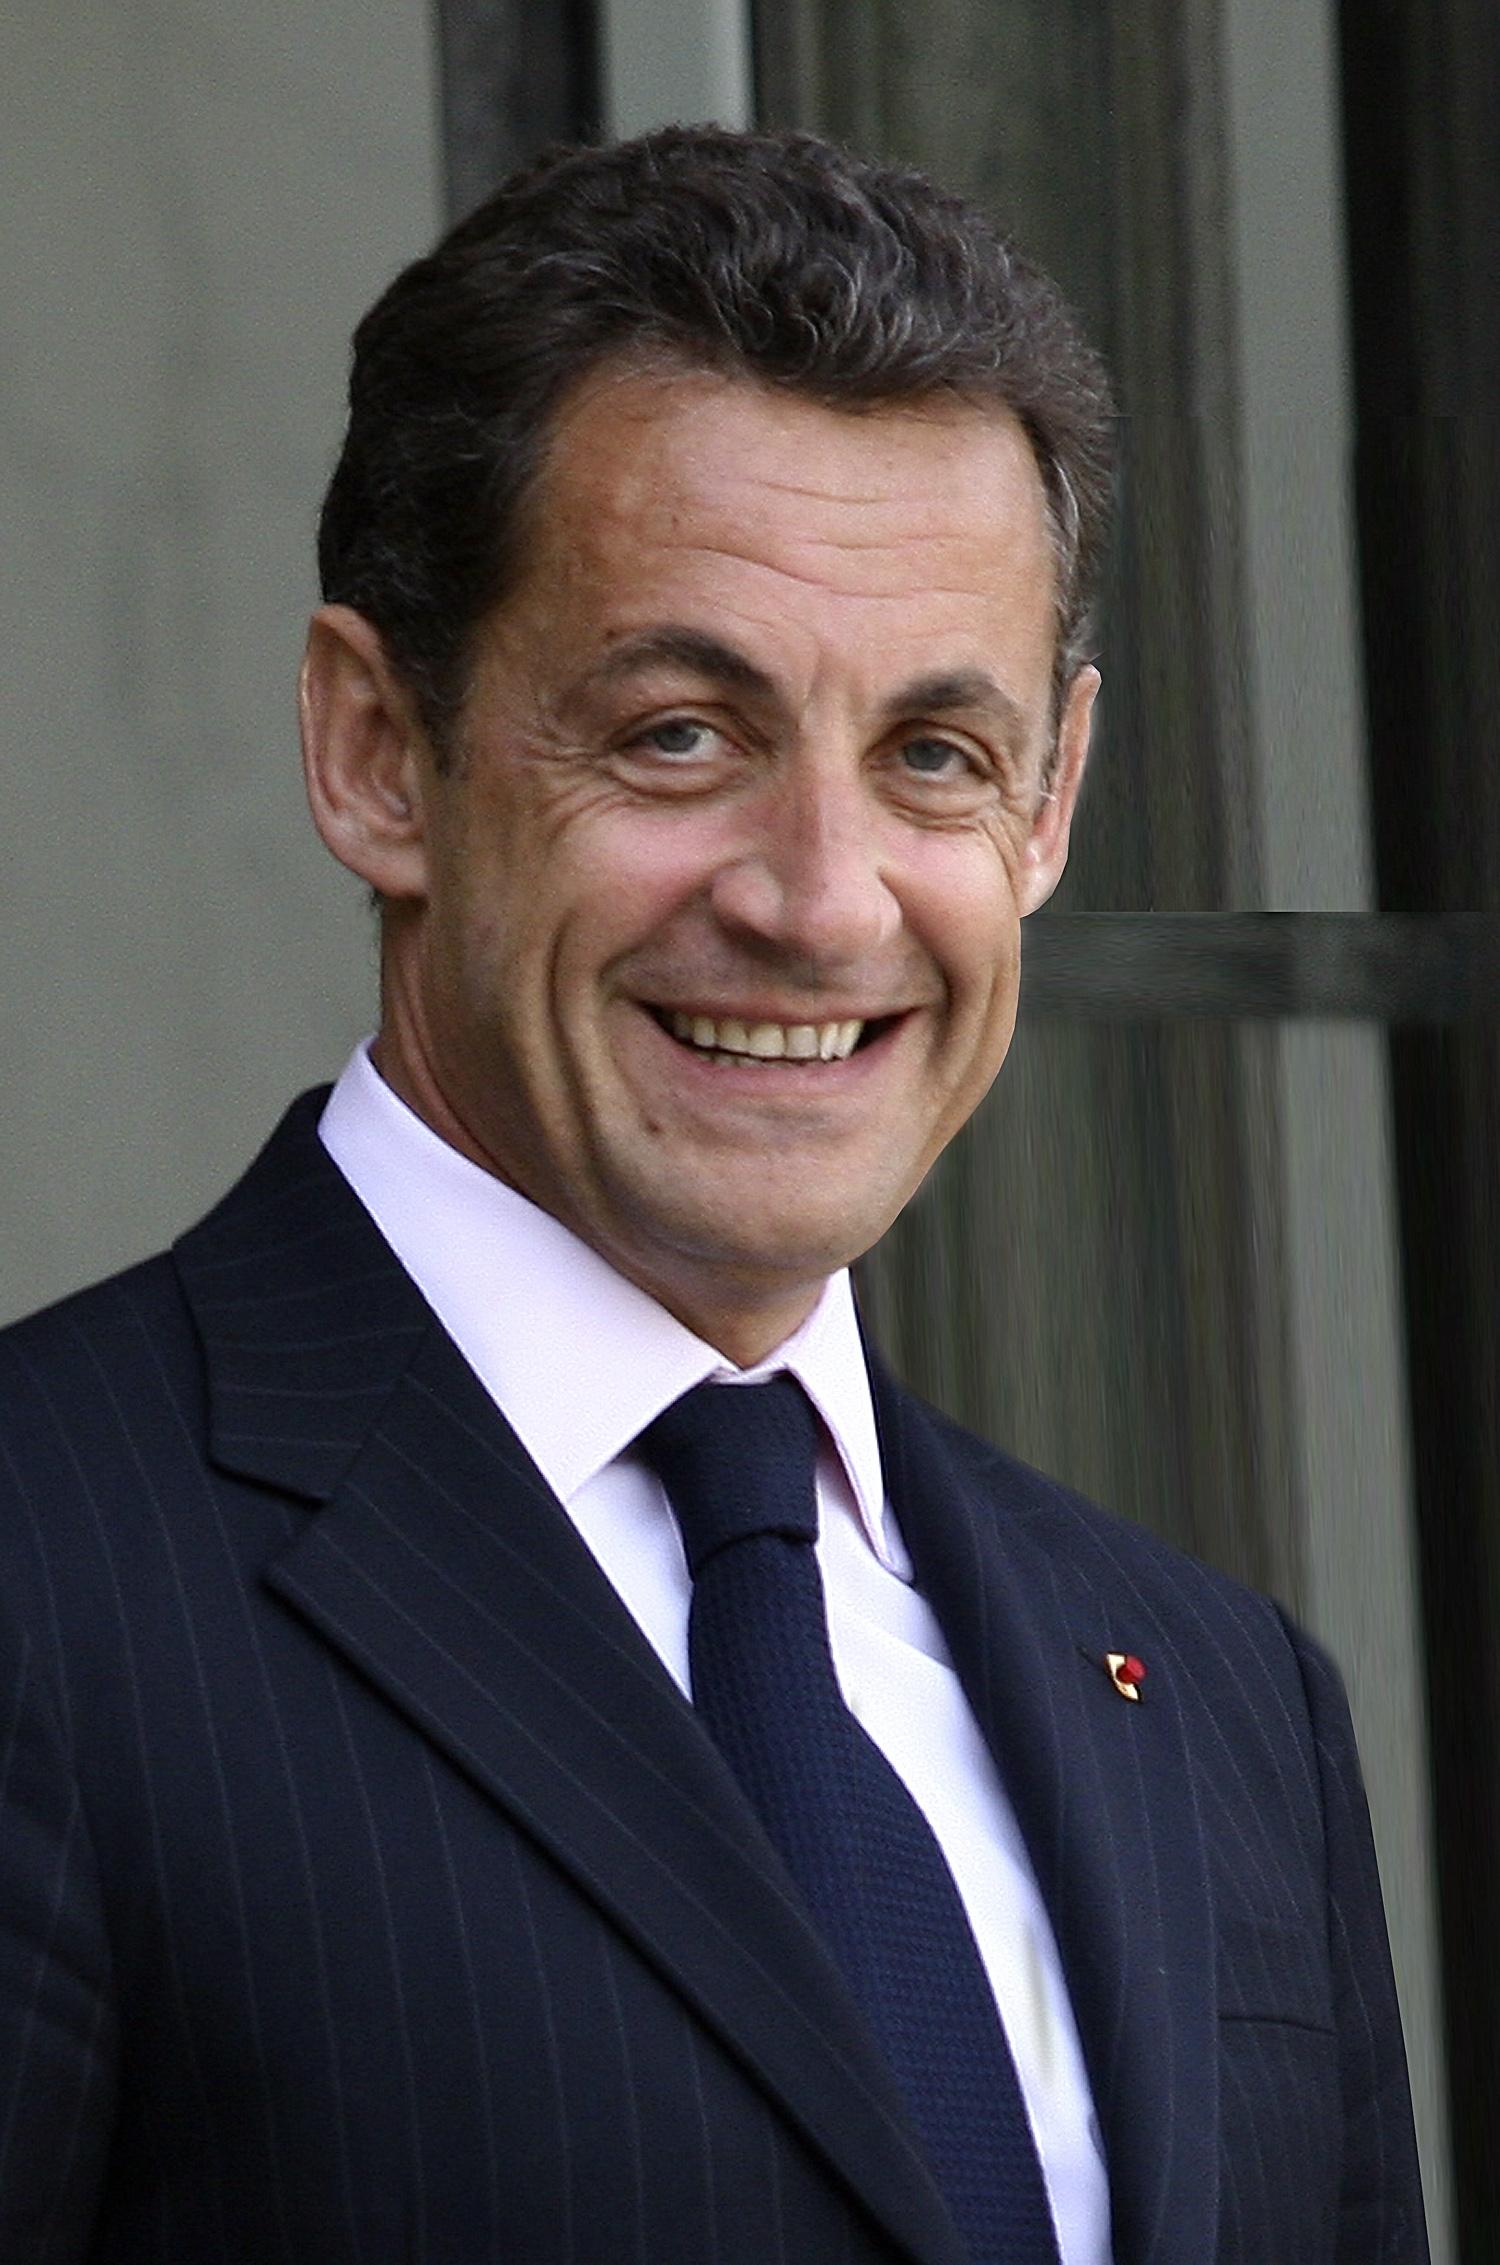 Nicolas Sarkozy Biography Nicolas Sarkozy S Famous Quotes Sualci Quotes 2019